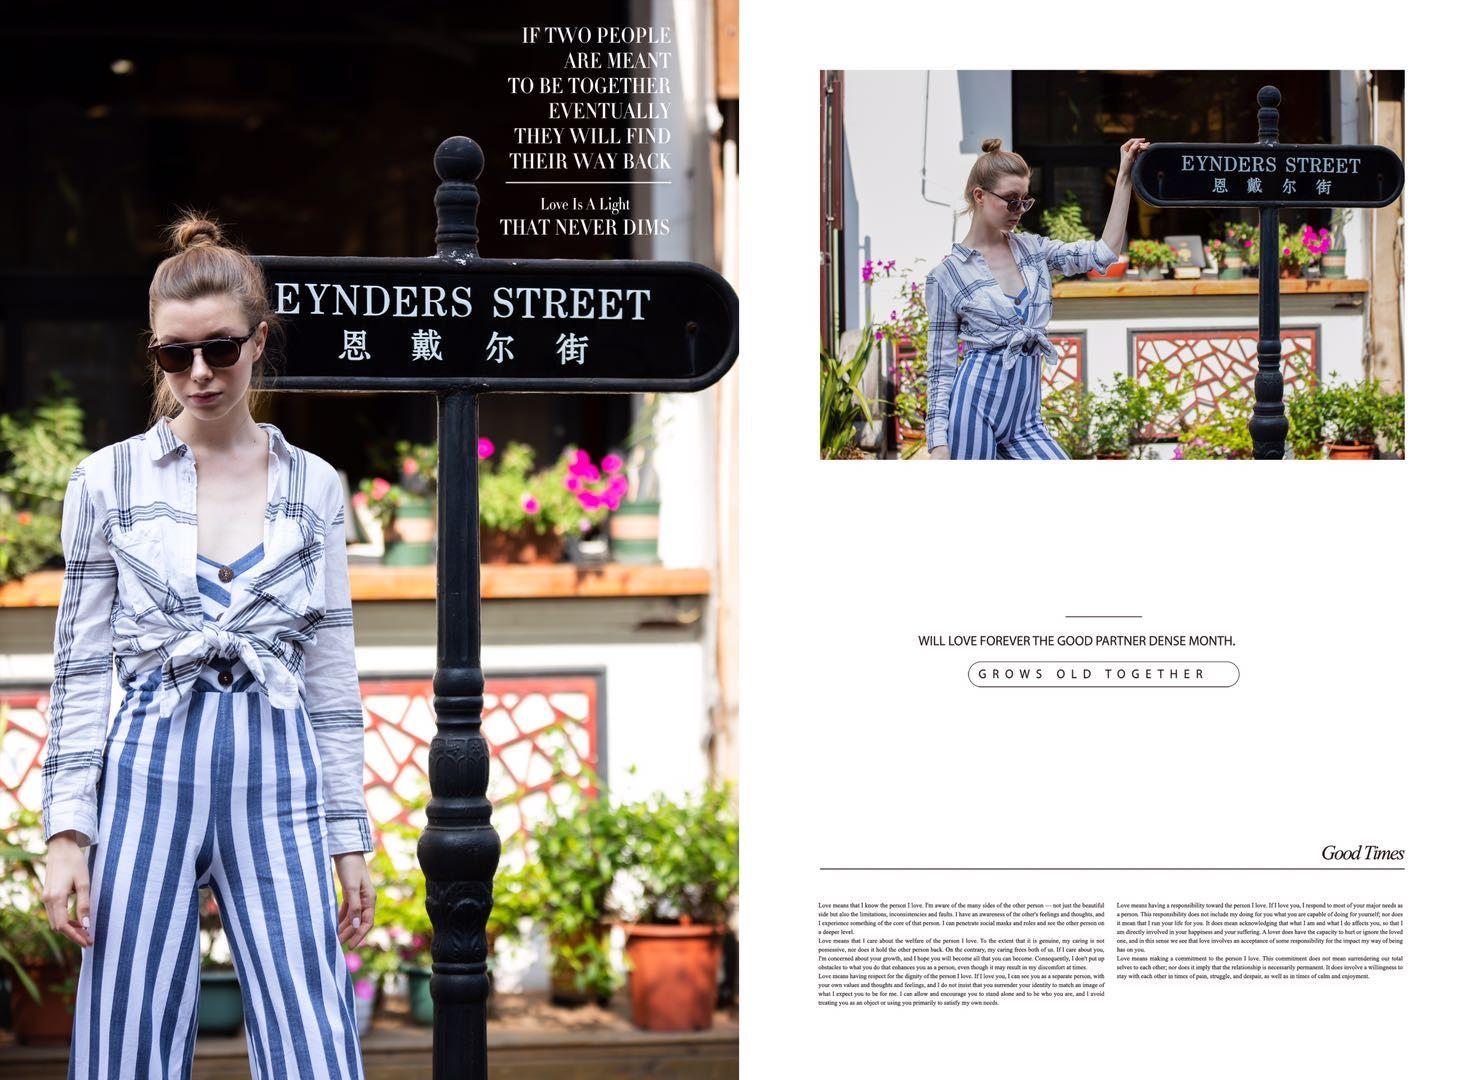 2019-06-02 專業外模時尚街拍活動_攝影師DEXTRBJ-清水的返片